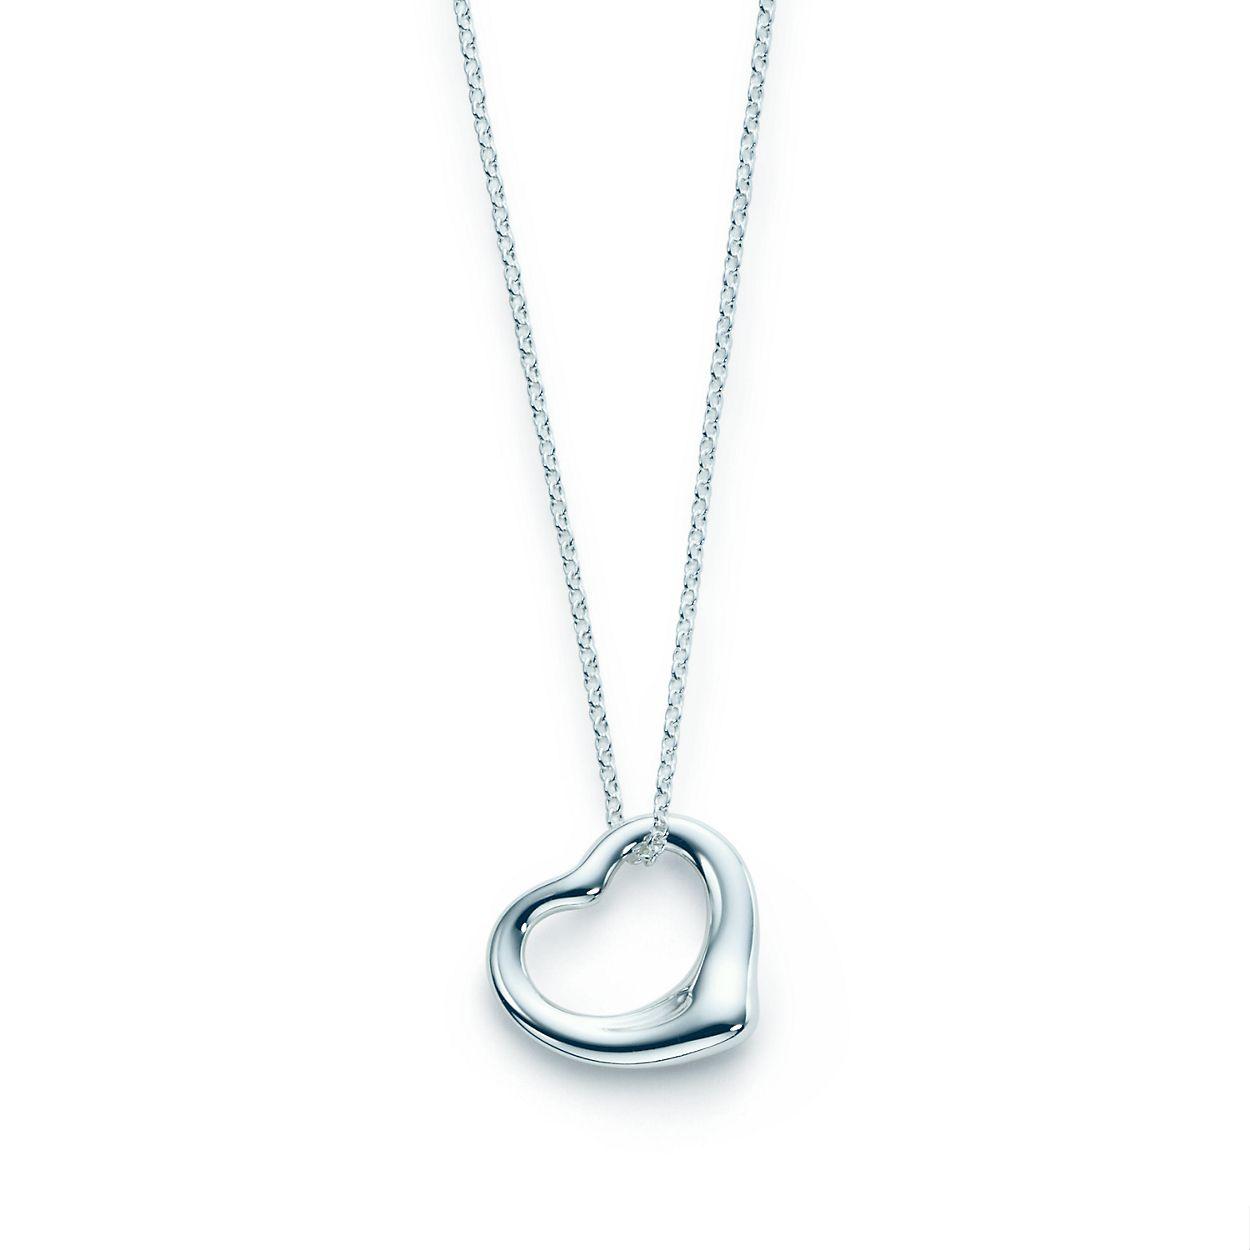 Elsa Peretti Ouverte Pendentif En Argent Sterling Avec Un Diamant Tiffany & Co. 2Ku45